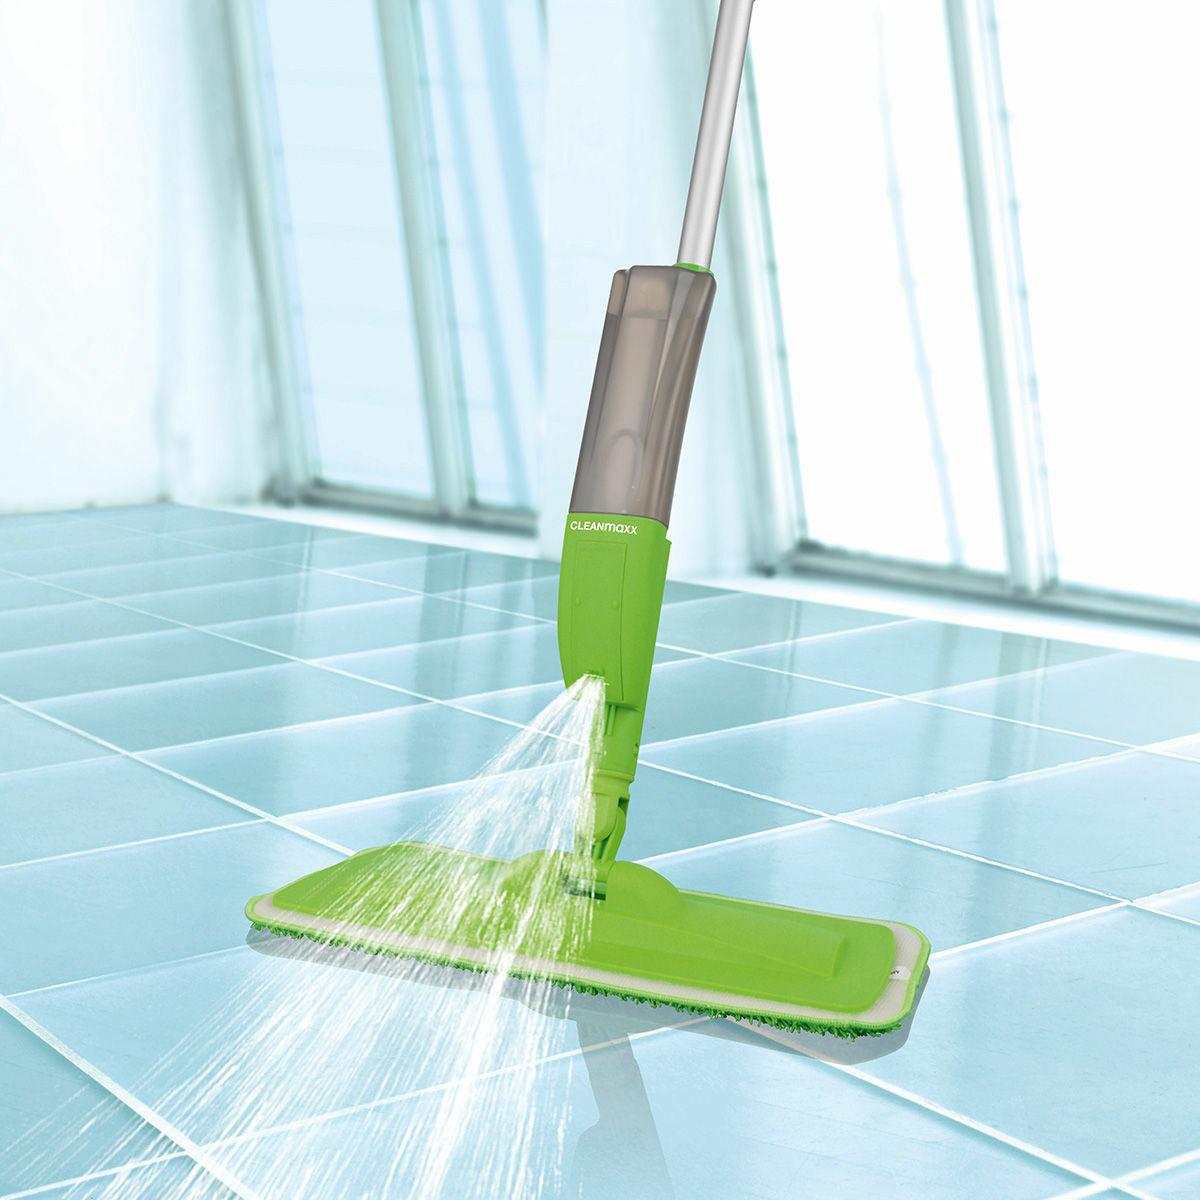 Bild 3 von Cleanmaxx Spray-Mop Triple